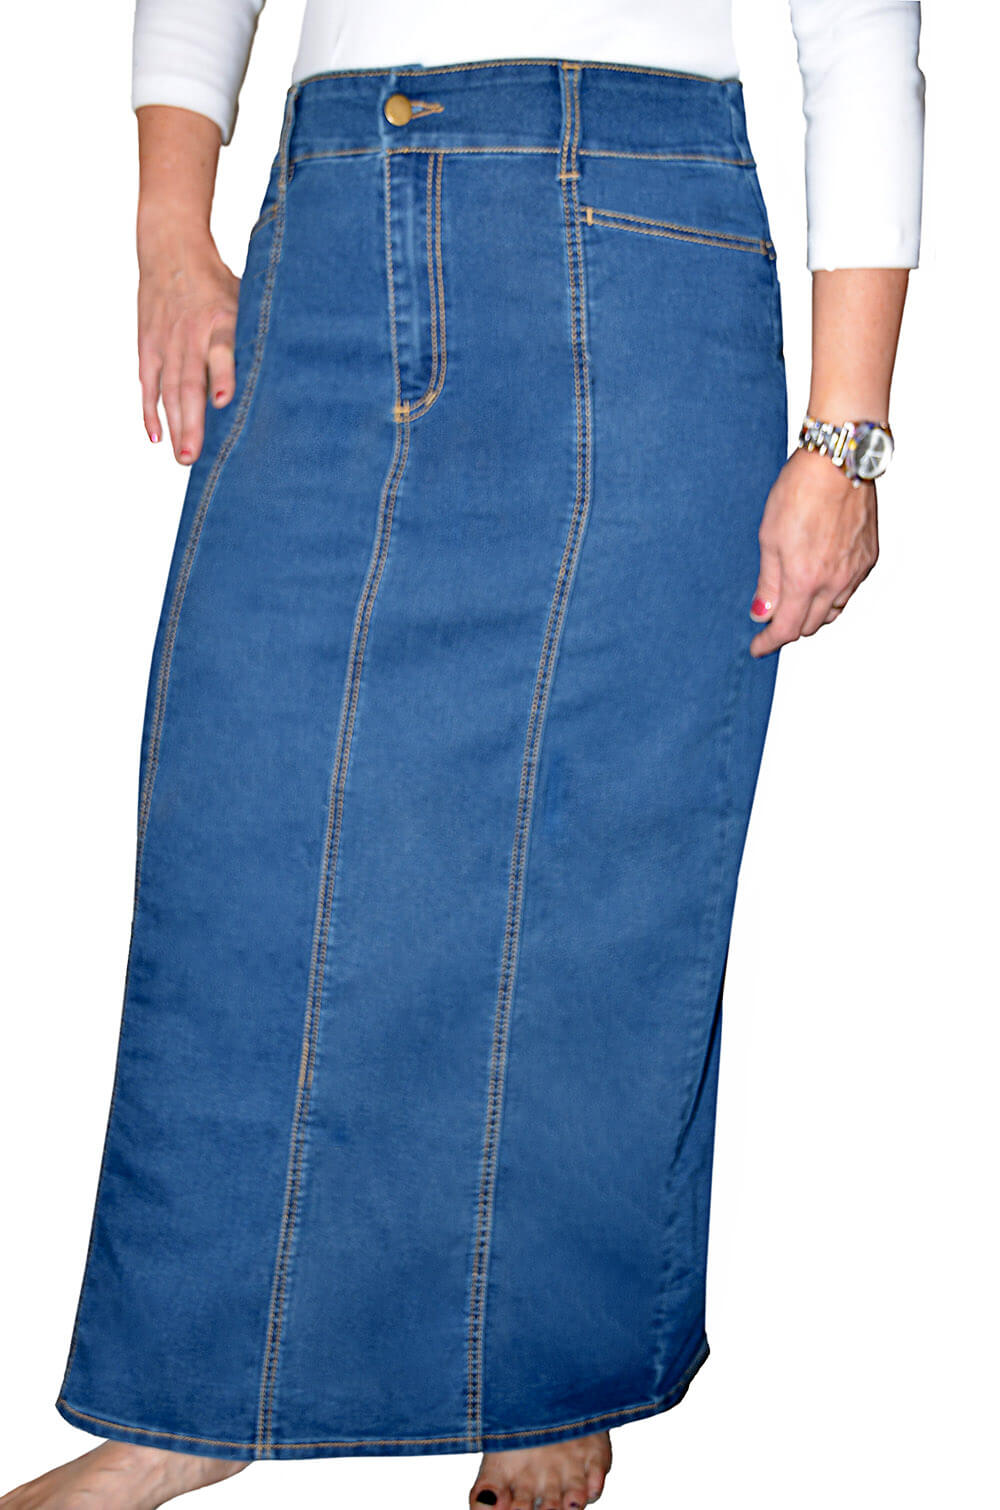 1bb2fec792 Modest Skirts for Women - Long and Knee Length Skirts